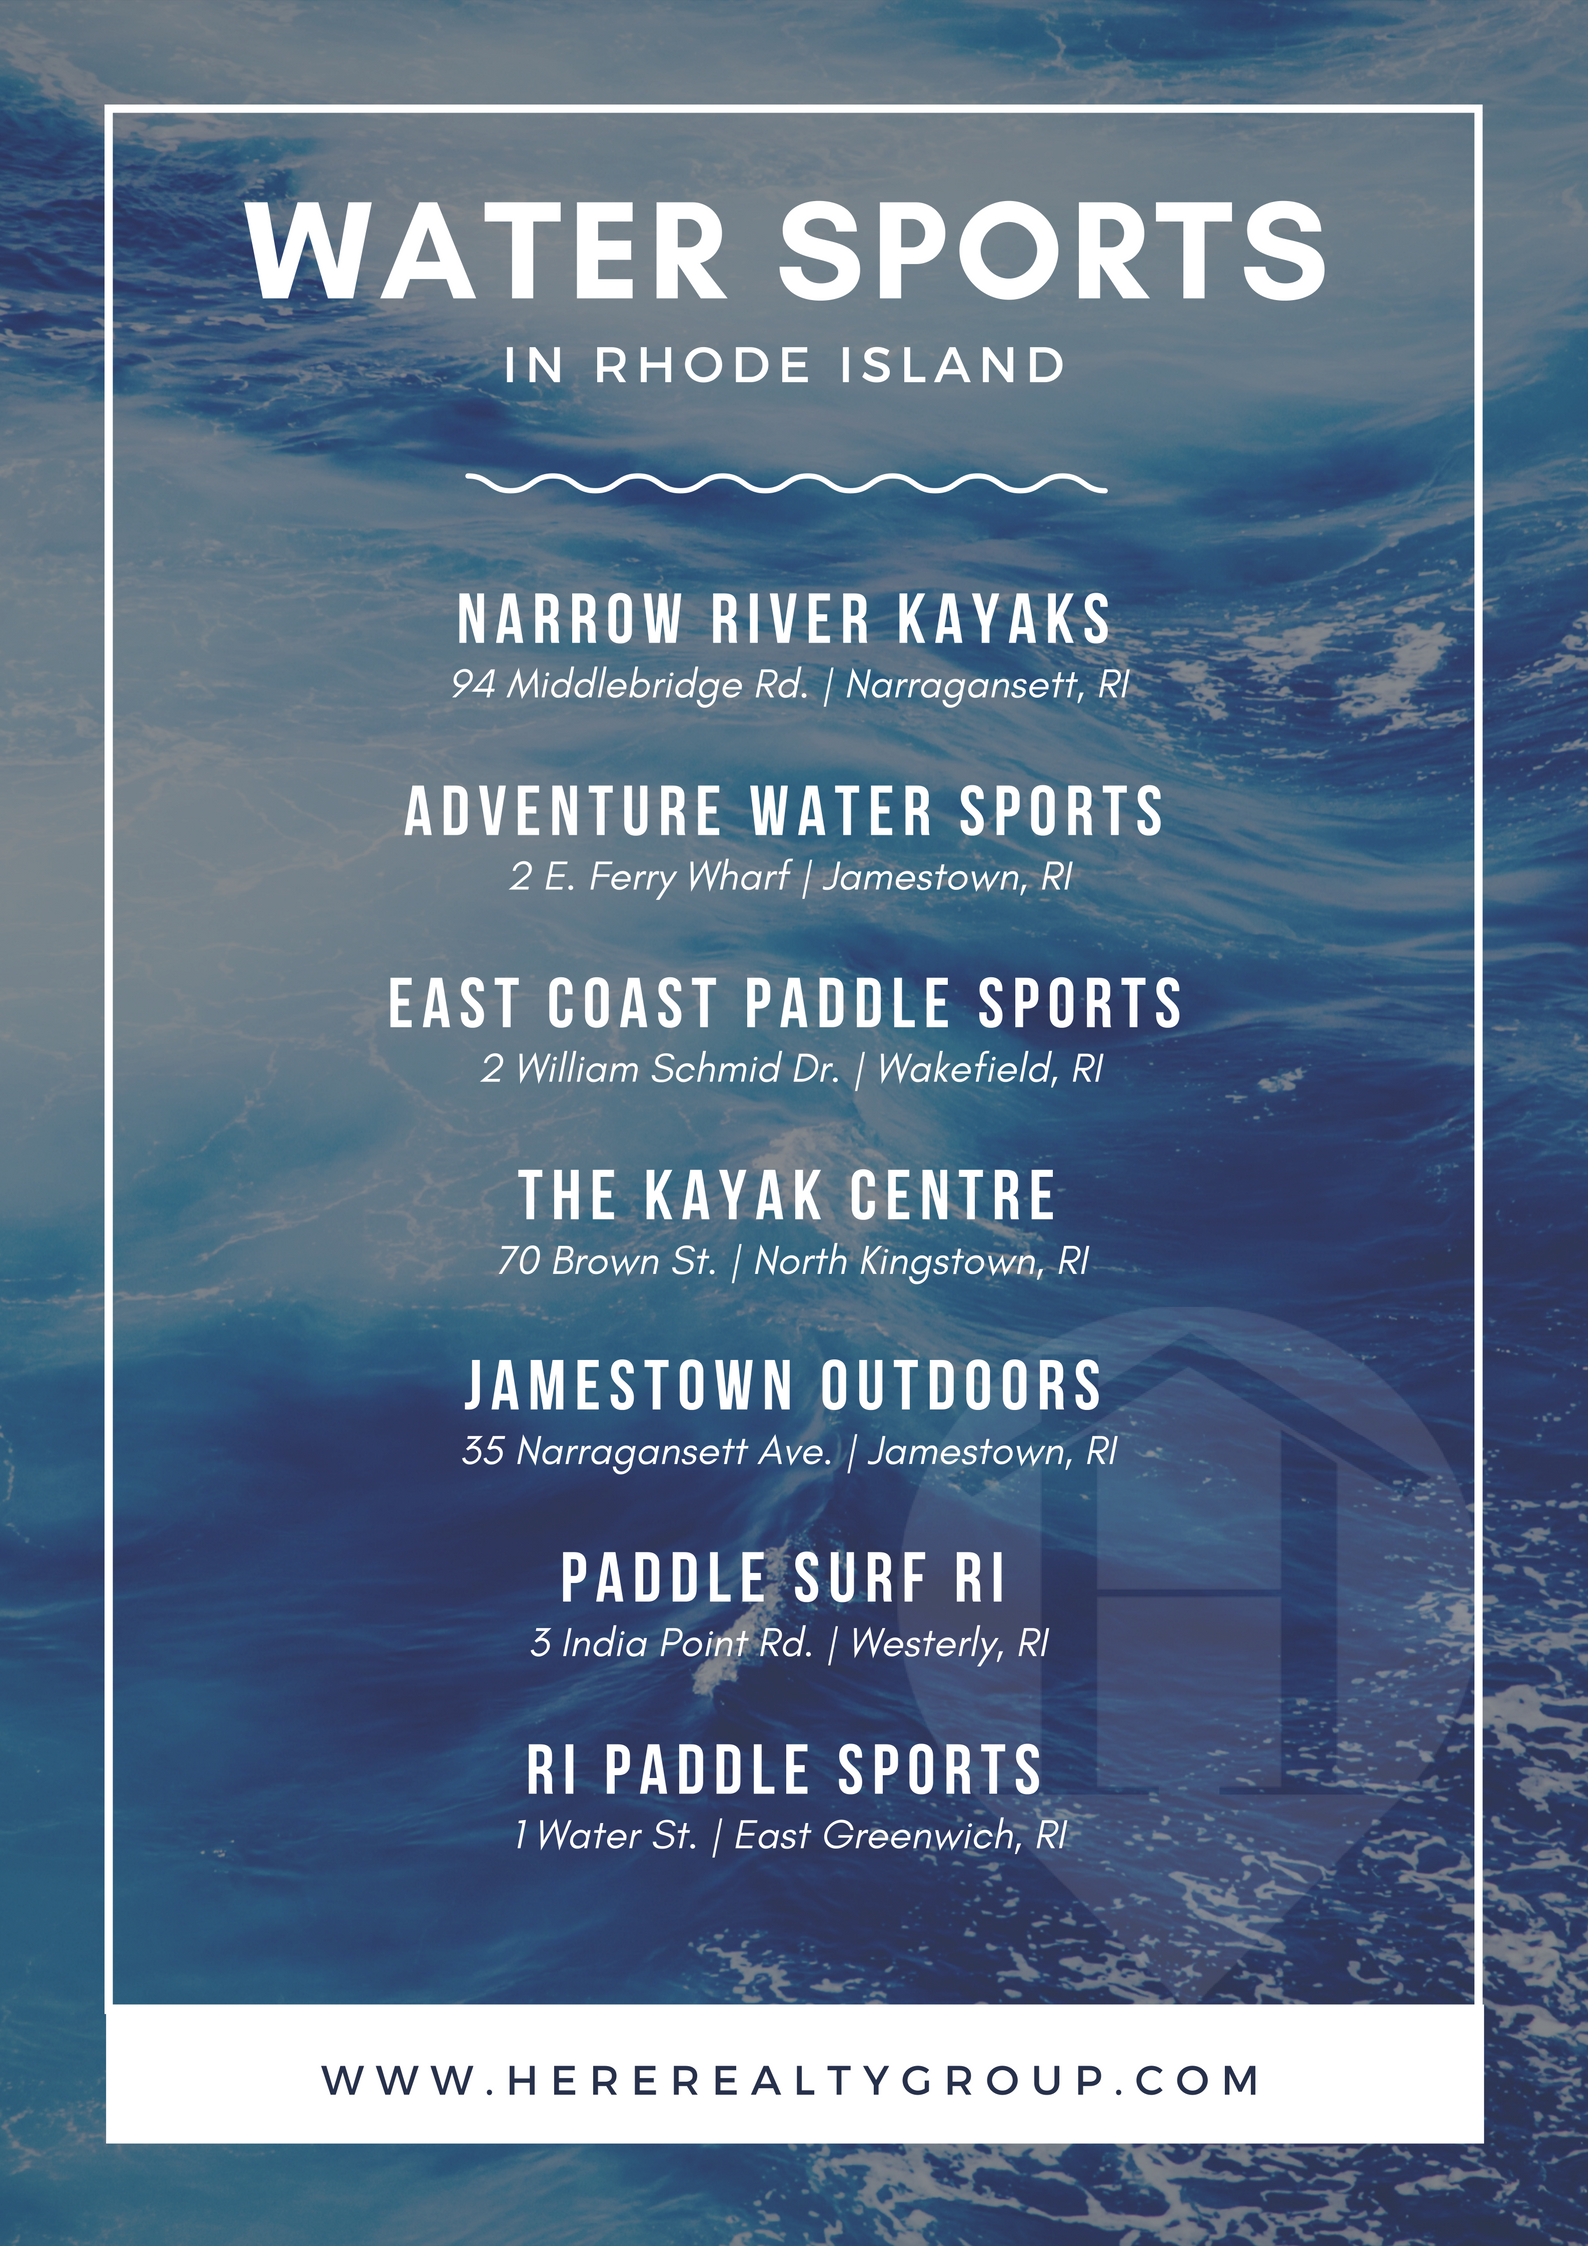 Water Sports in Rhode Island